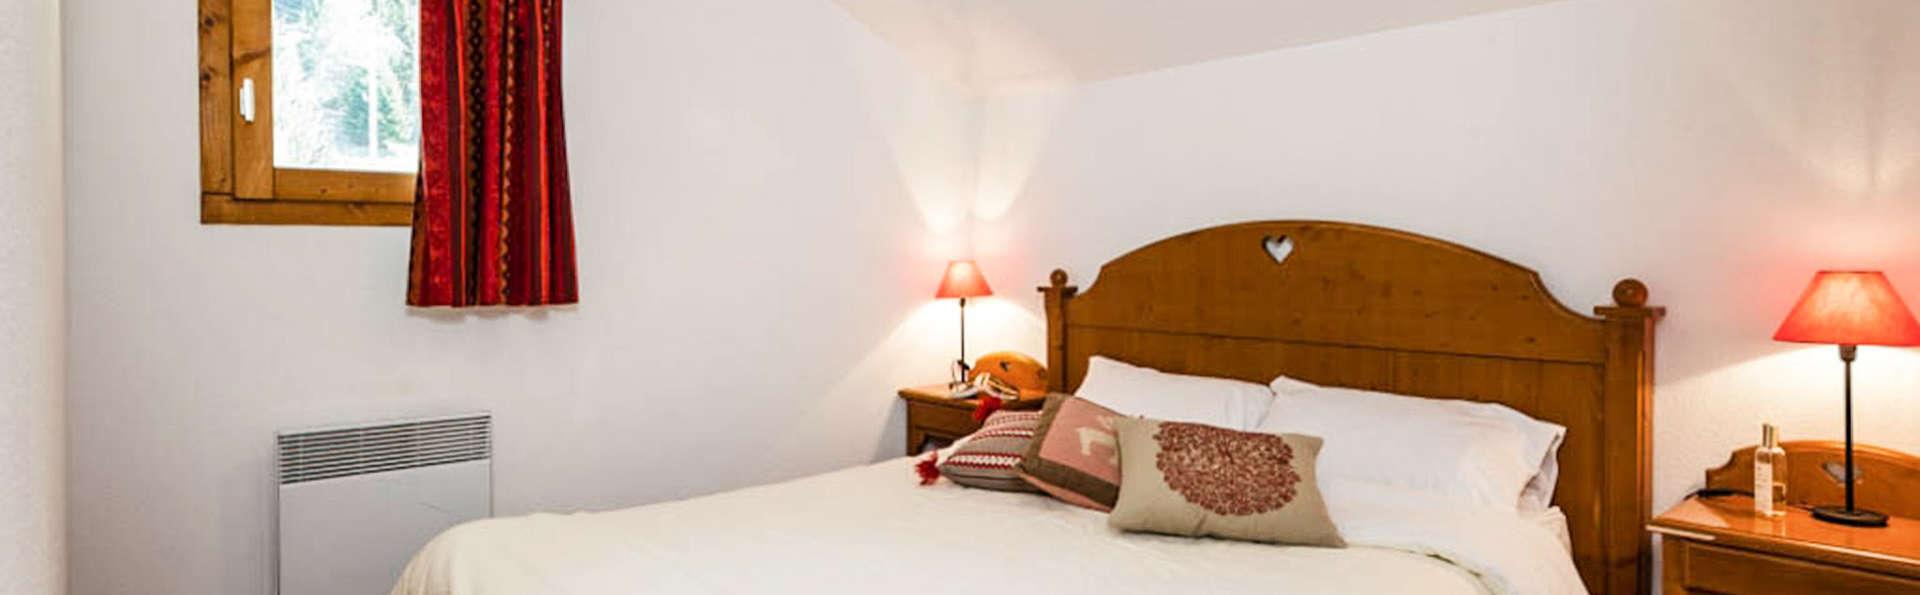 Vacancéole - Résidence La Turra - EDIT_La_Turra_chambre_appartement_01.jpg